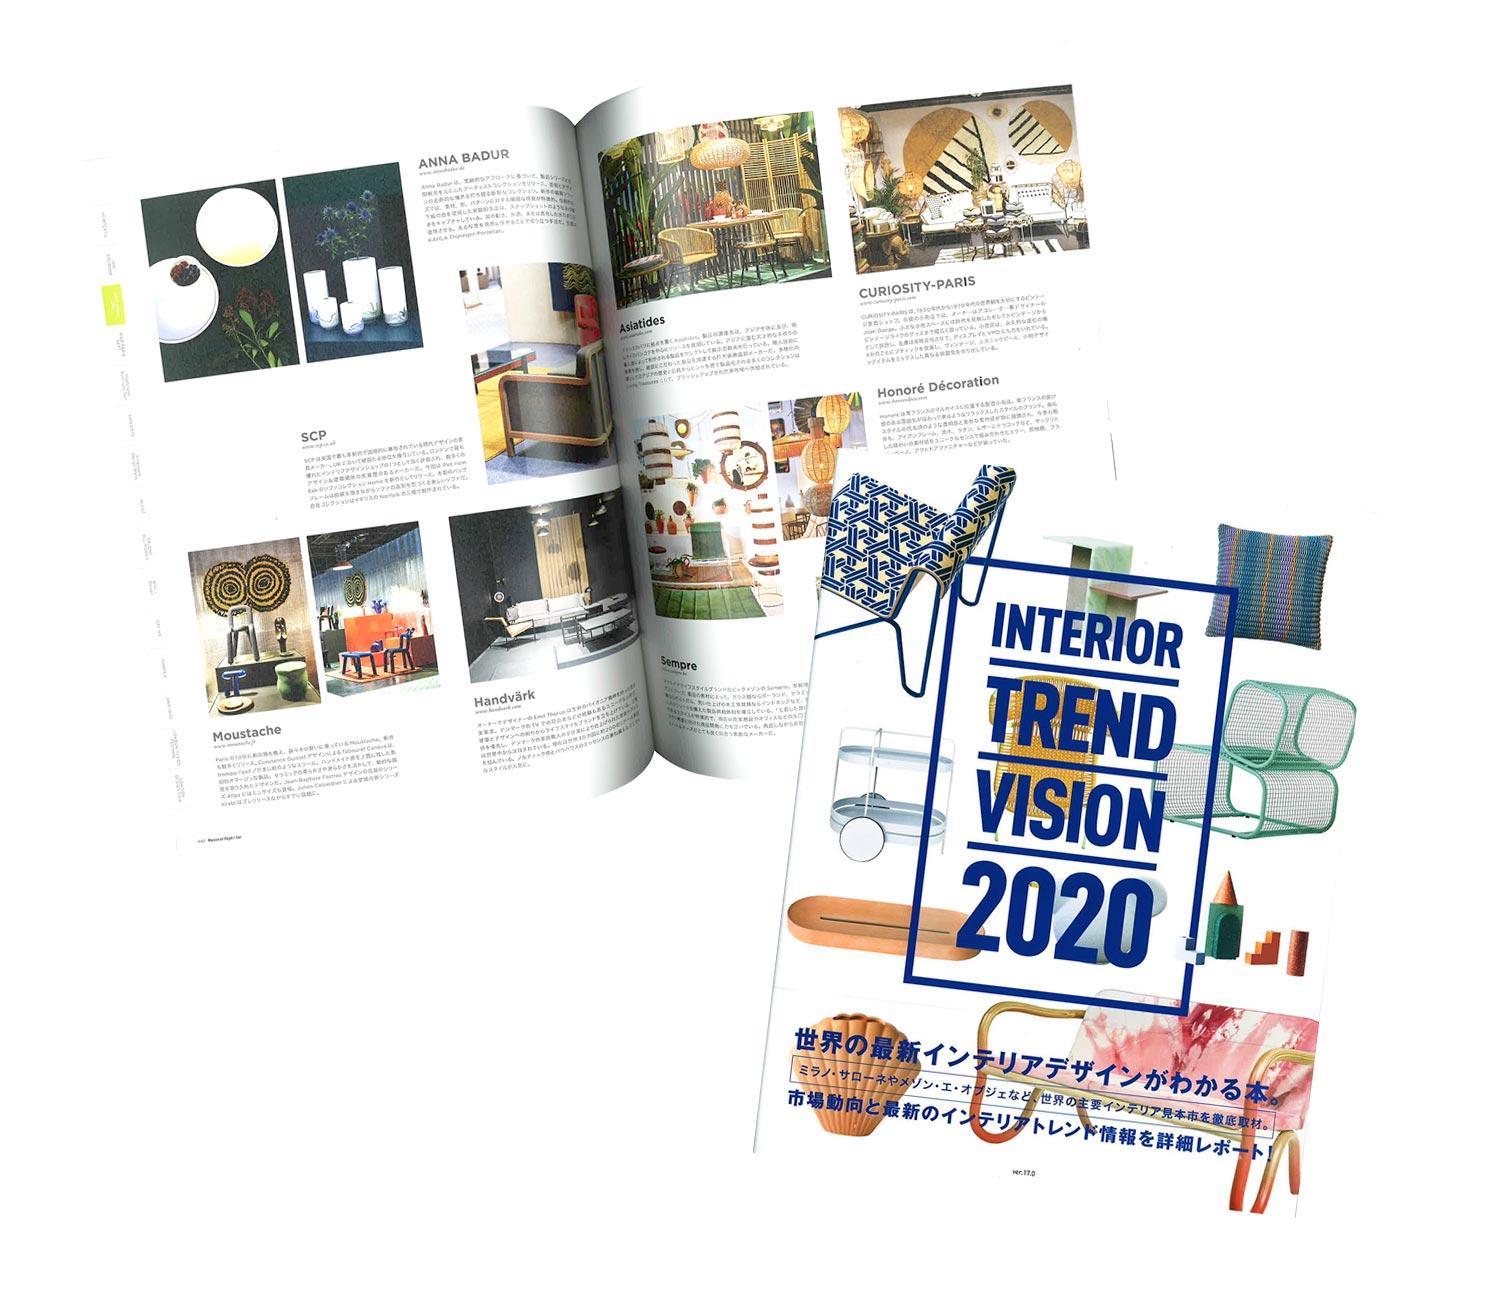 Interior Trend Vision 2004-2020